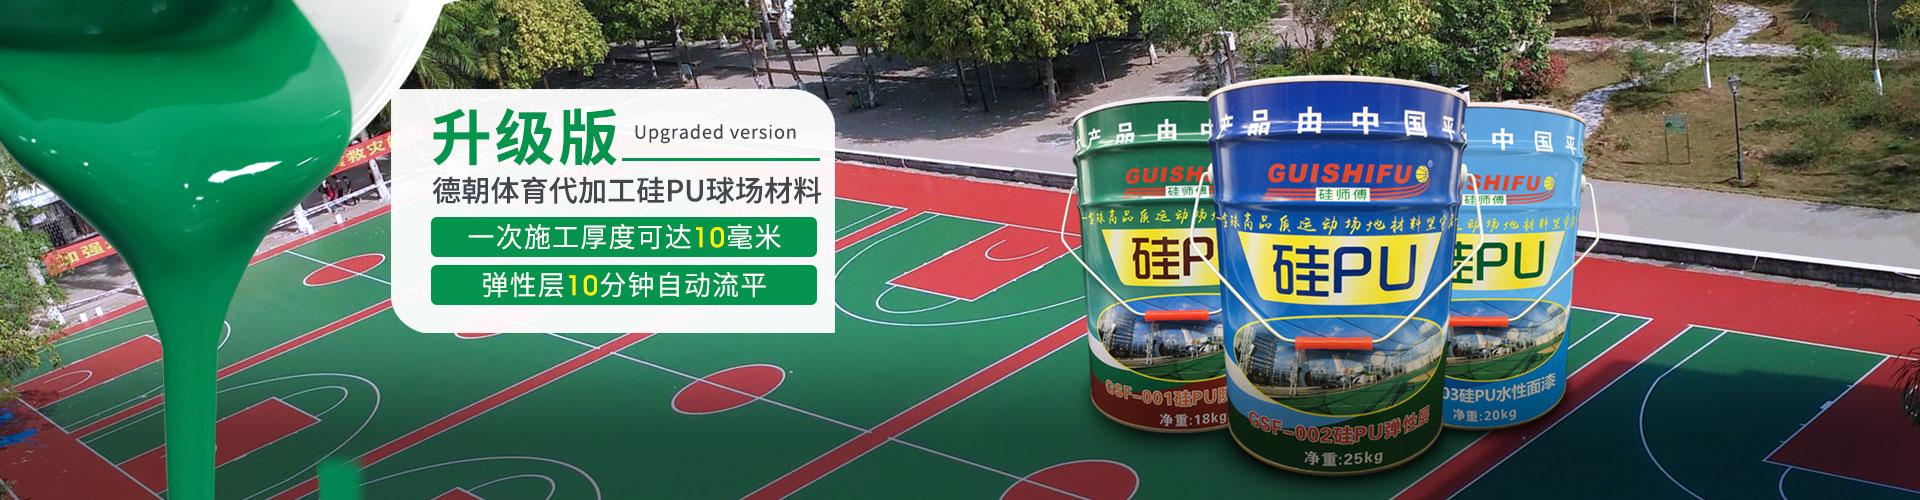 德朝-提供硅PU球场材料加工贴服务